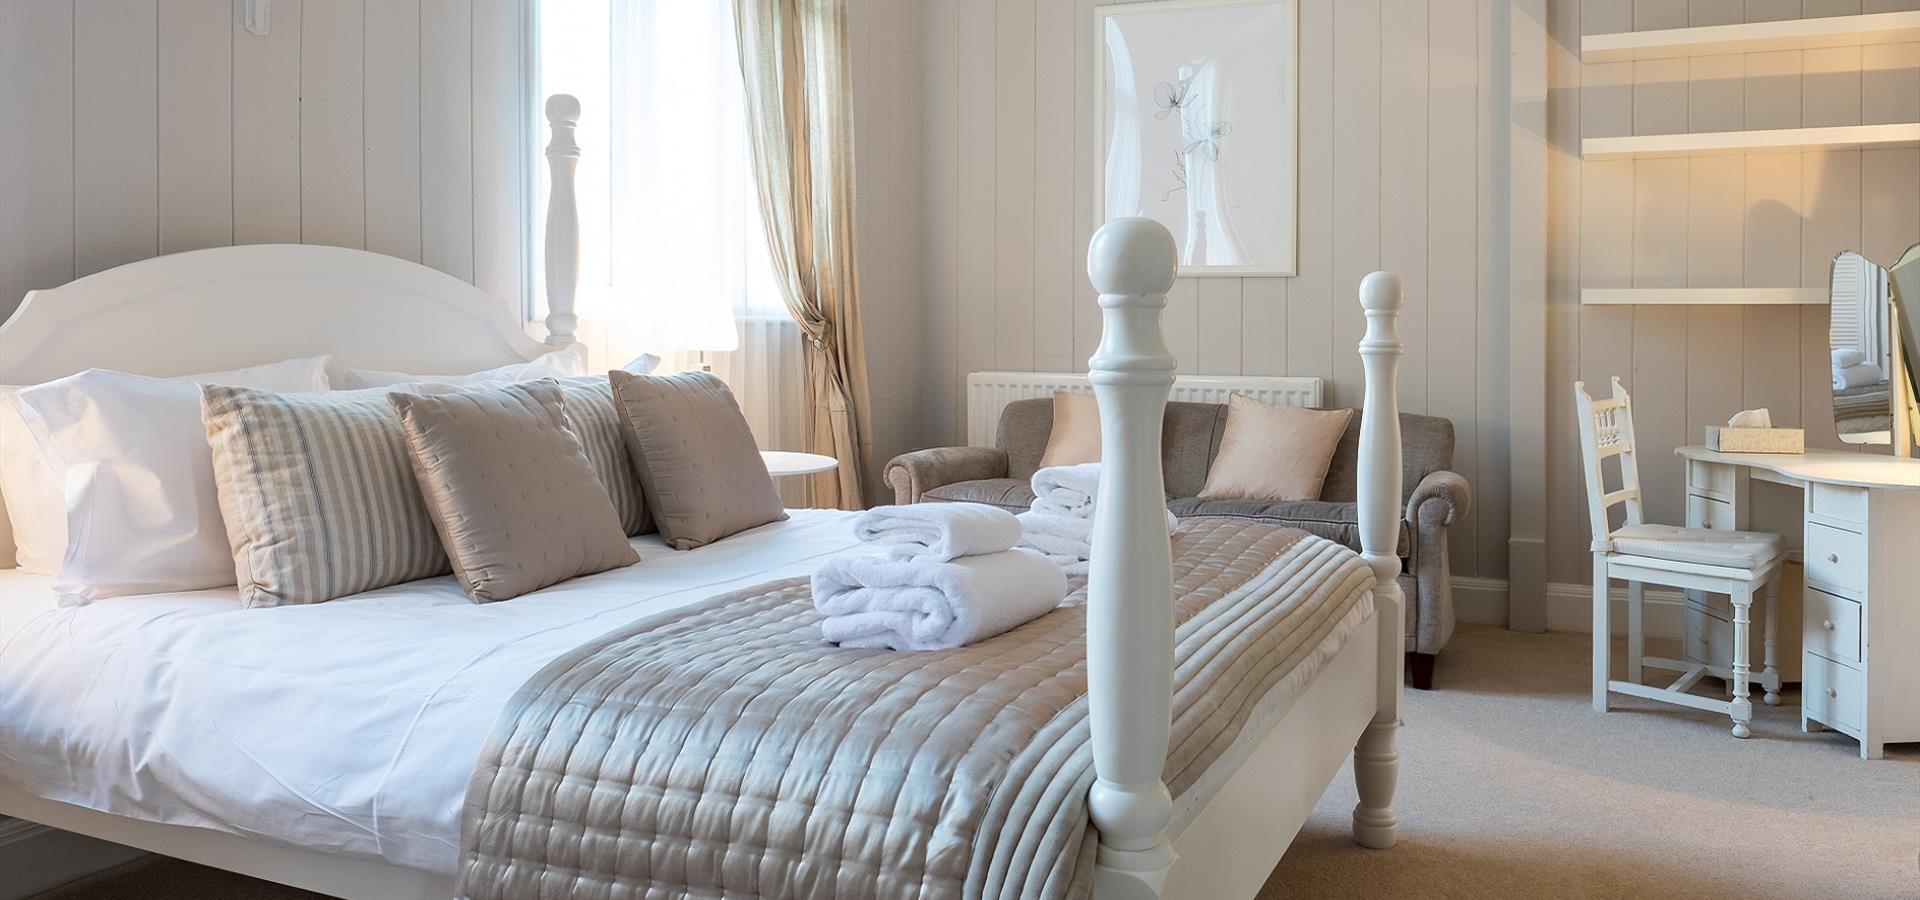 An image of Hotel Room, Whitby by Tony Bartholomew